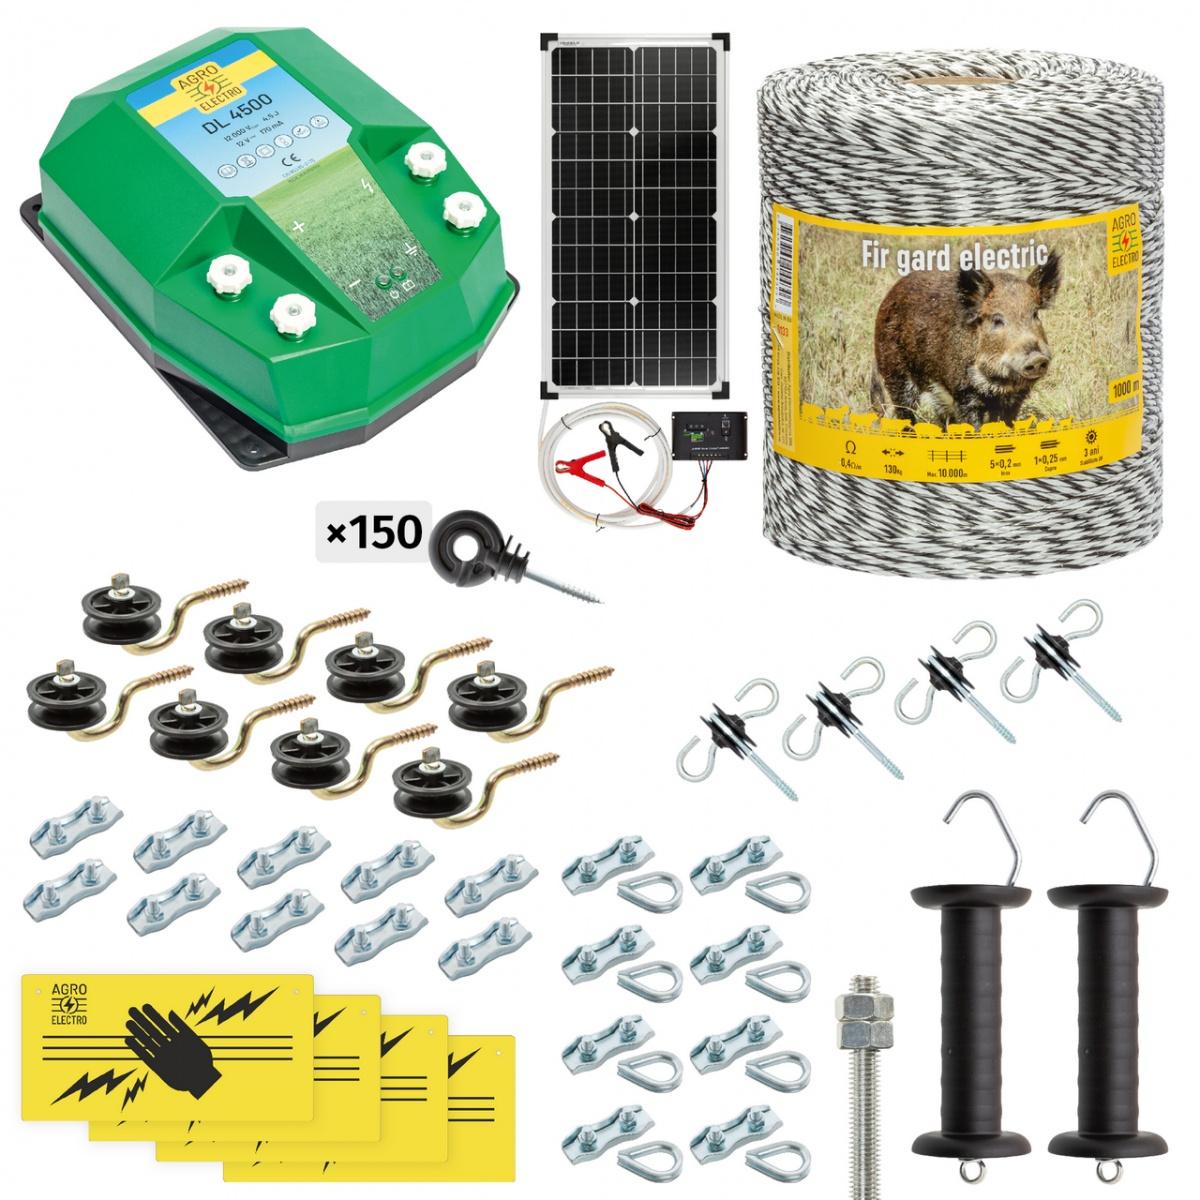 Pachet gard electric complet 1000m, 4,5Joule, cu sistem solar, pentru animale sălbatice